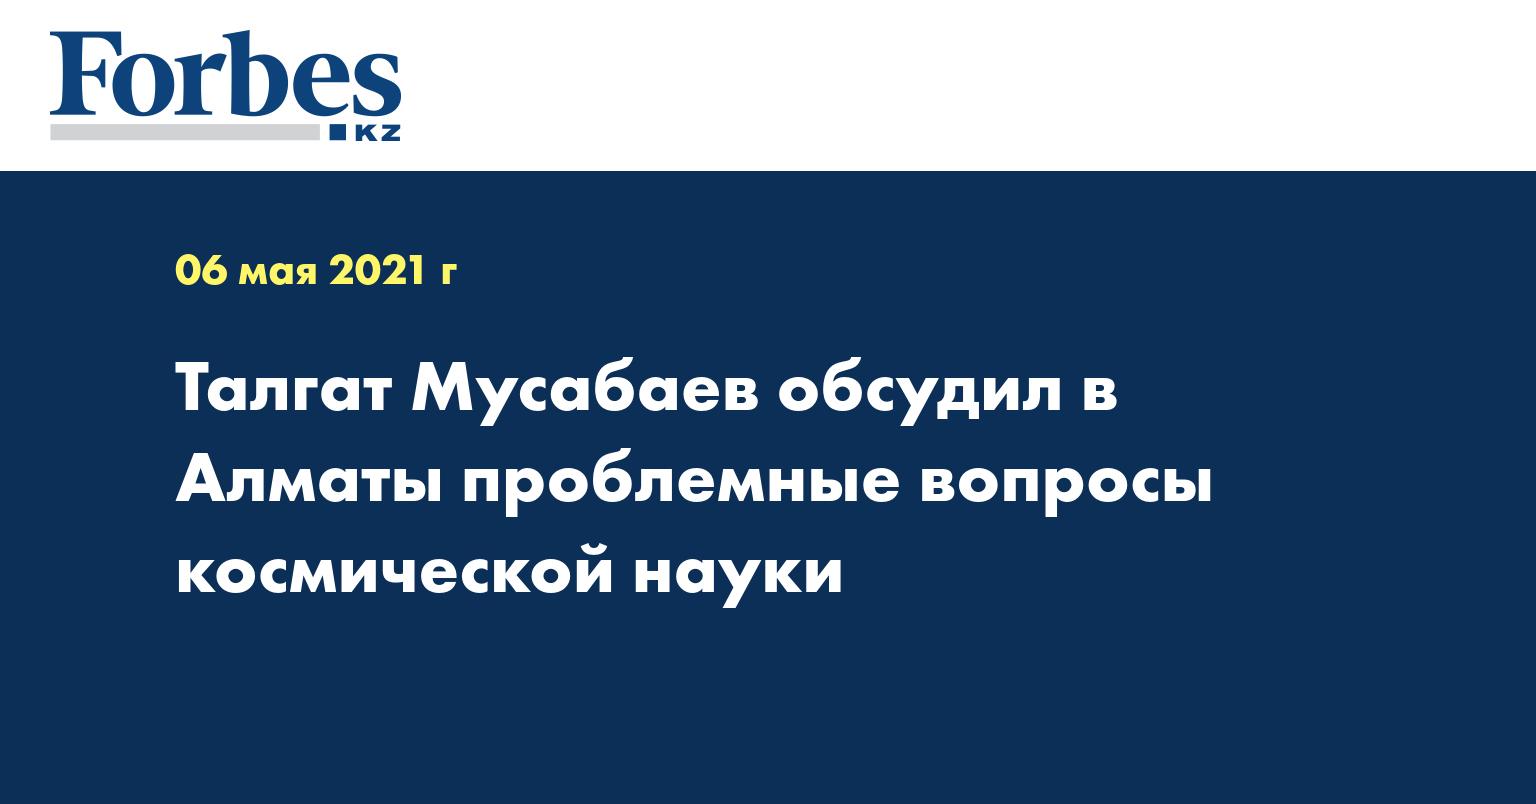 Талгат Мусабаев обсудил в Алматы проблемные вопросы космической науки